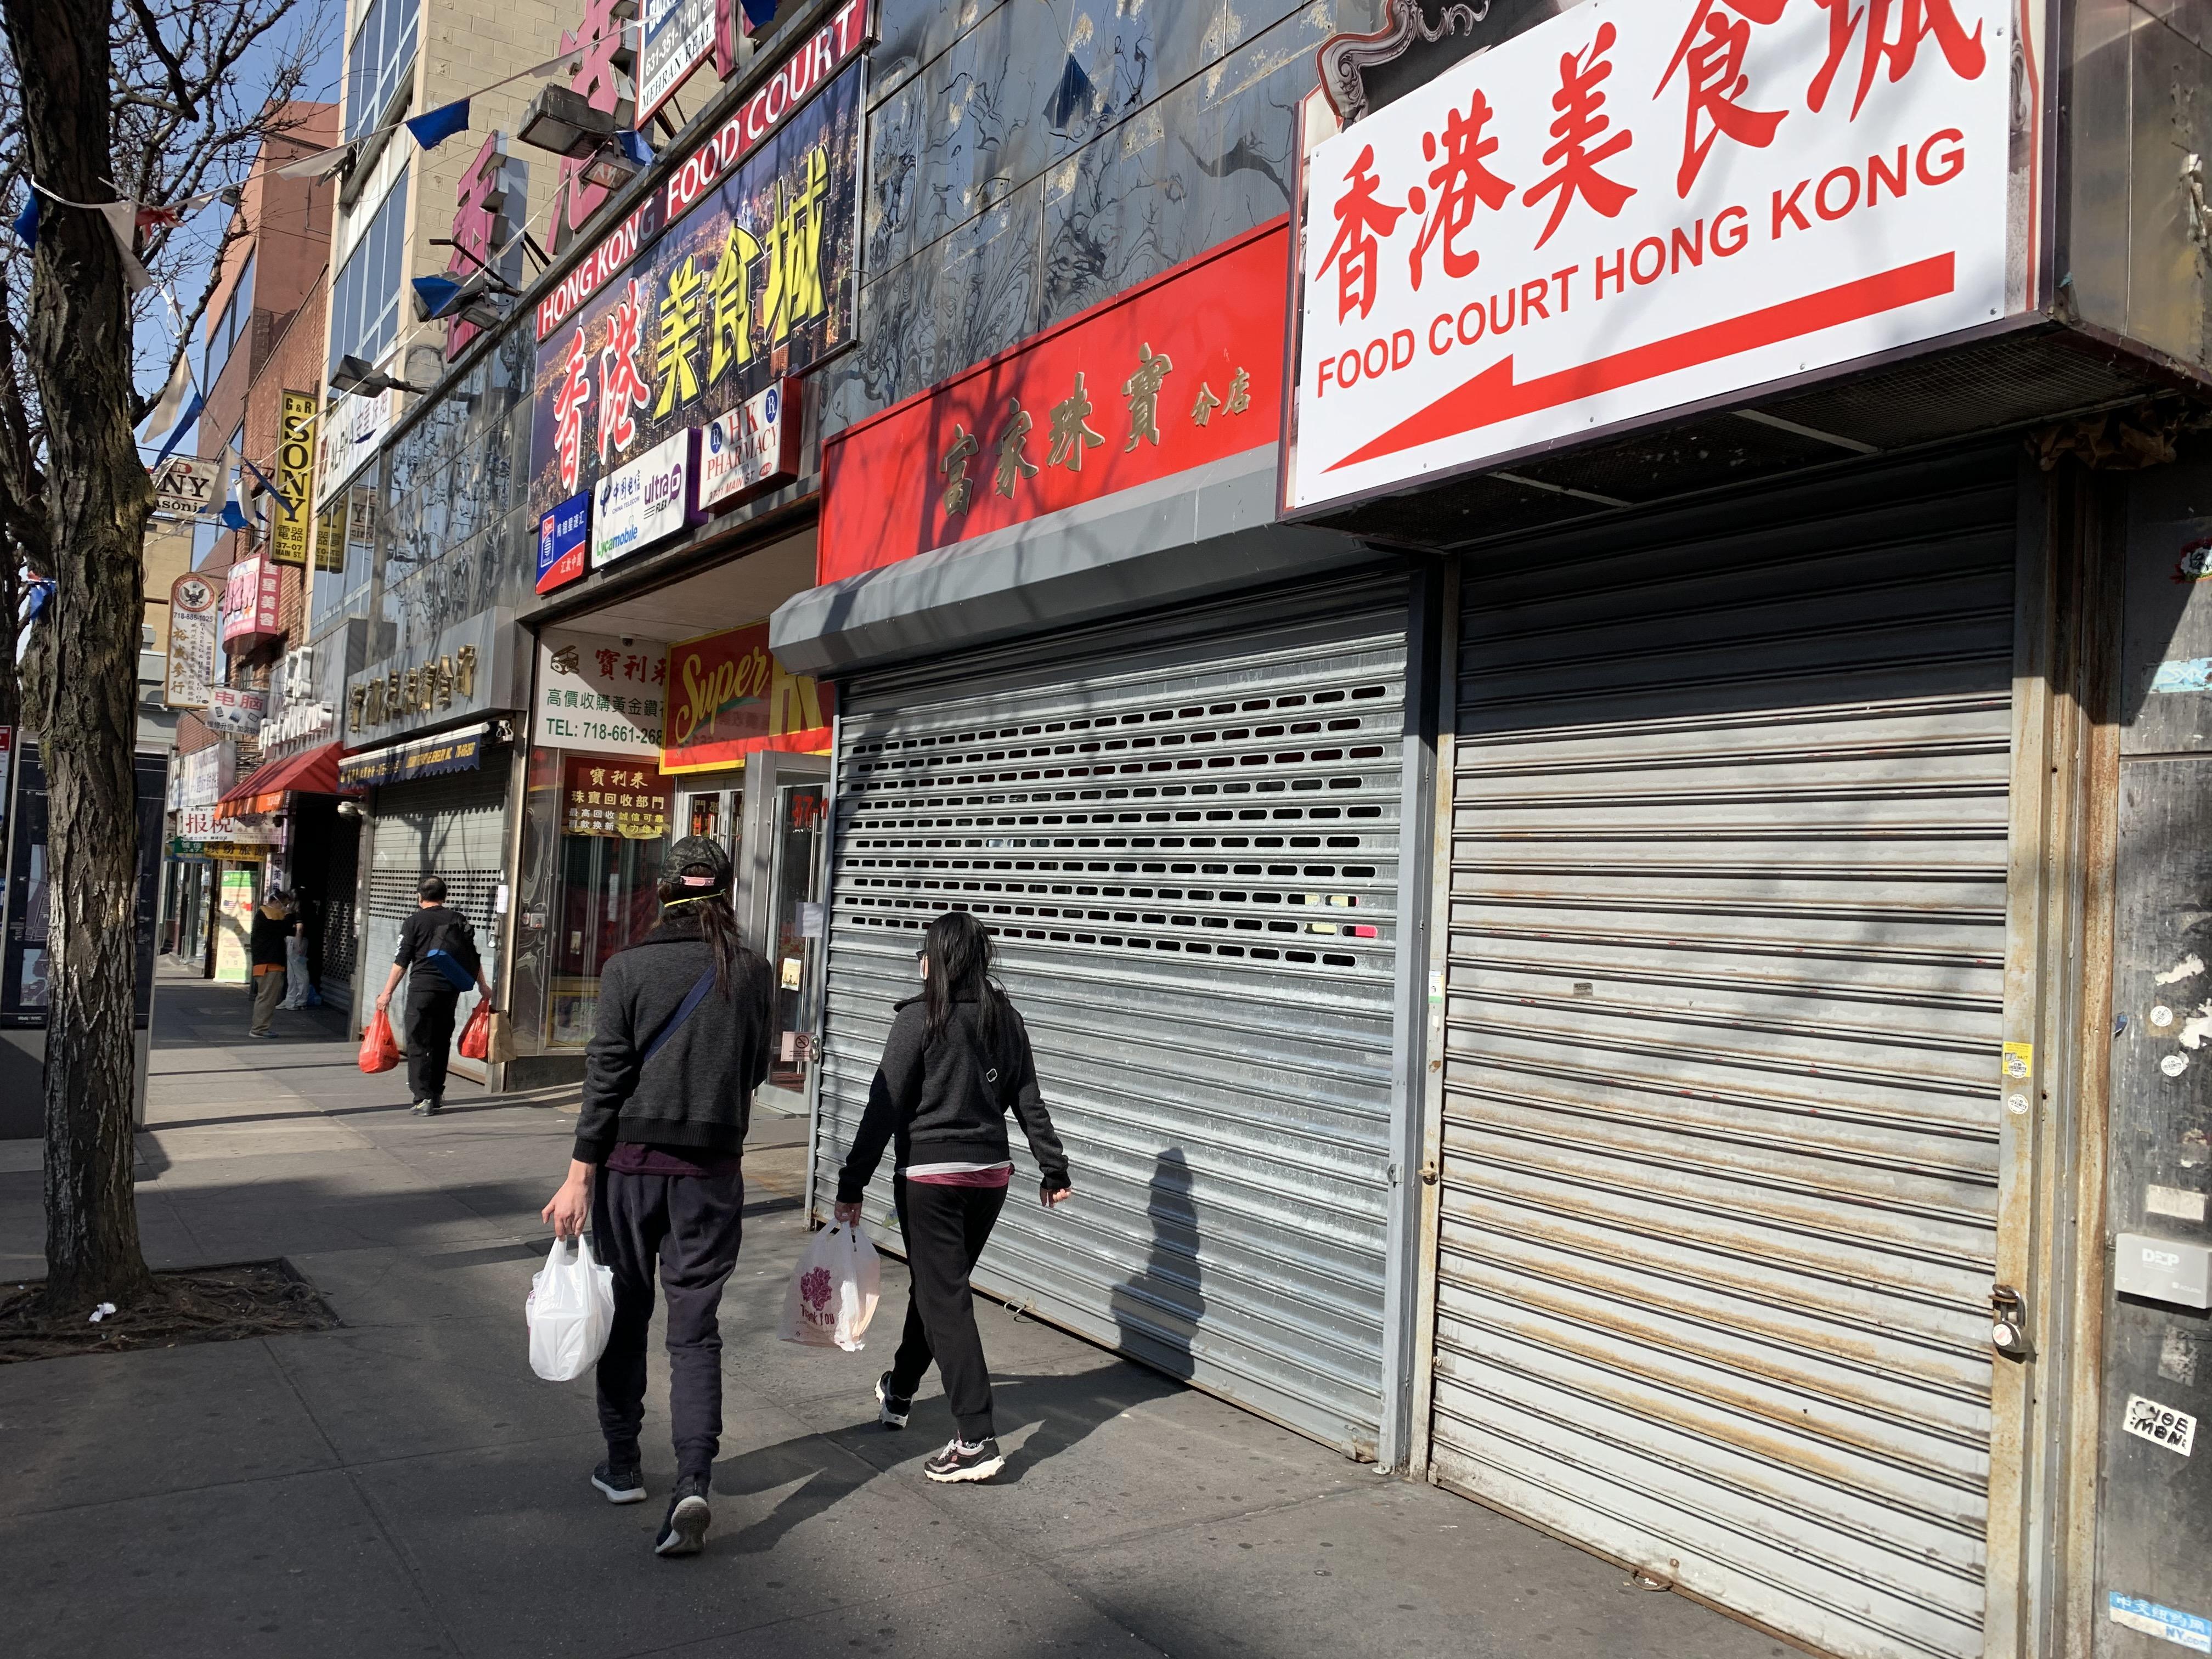 新冢肺炎疫情嚴峻,紐約市實施「居家避疫」的城令,全市大小商業受影響,法拉盛的華人商業絕大部分都關門暫停營業,商業區一片冷清。